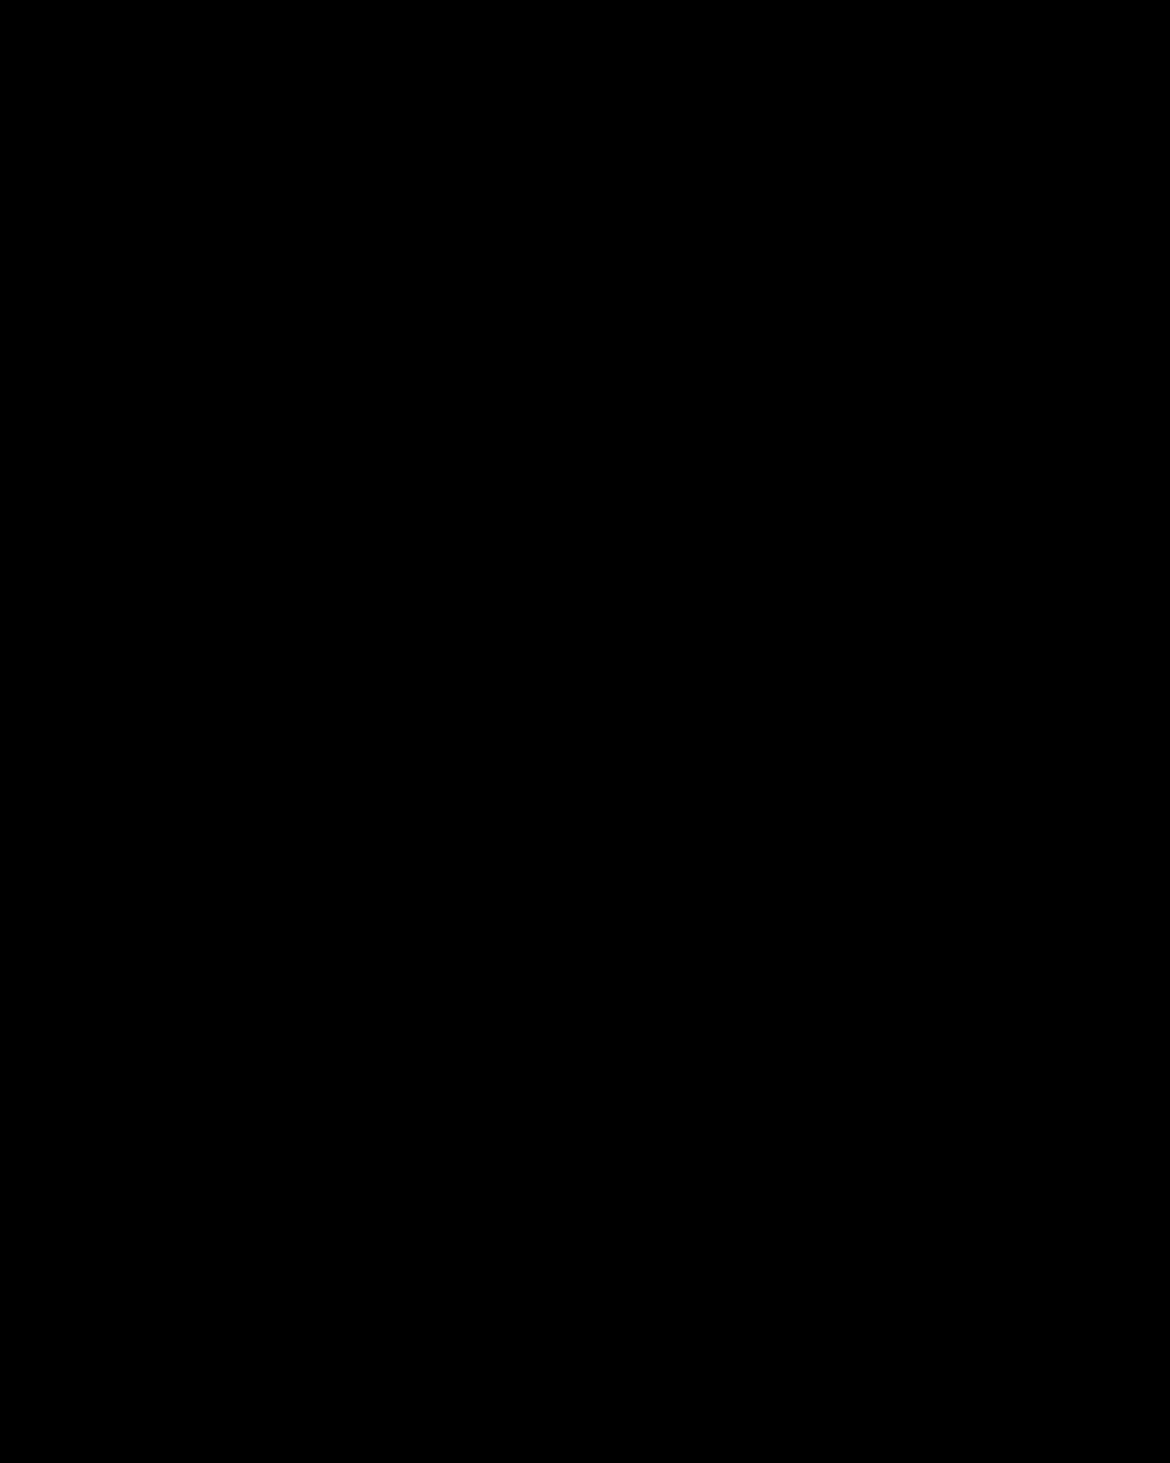 Una settimana in Giappone - Il mio itinerario by Laura Comolli - Park Hyatt American Bar, Tokyo